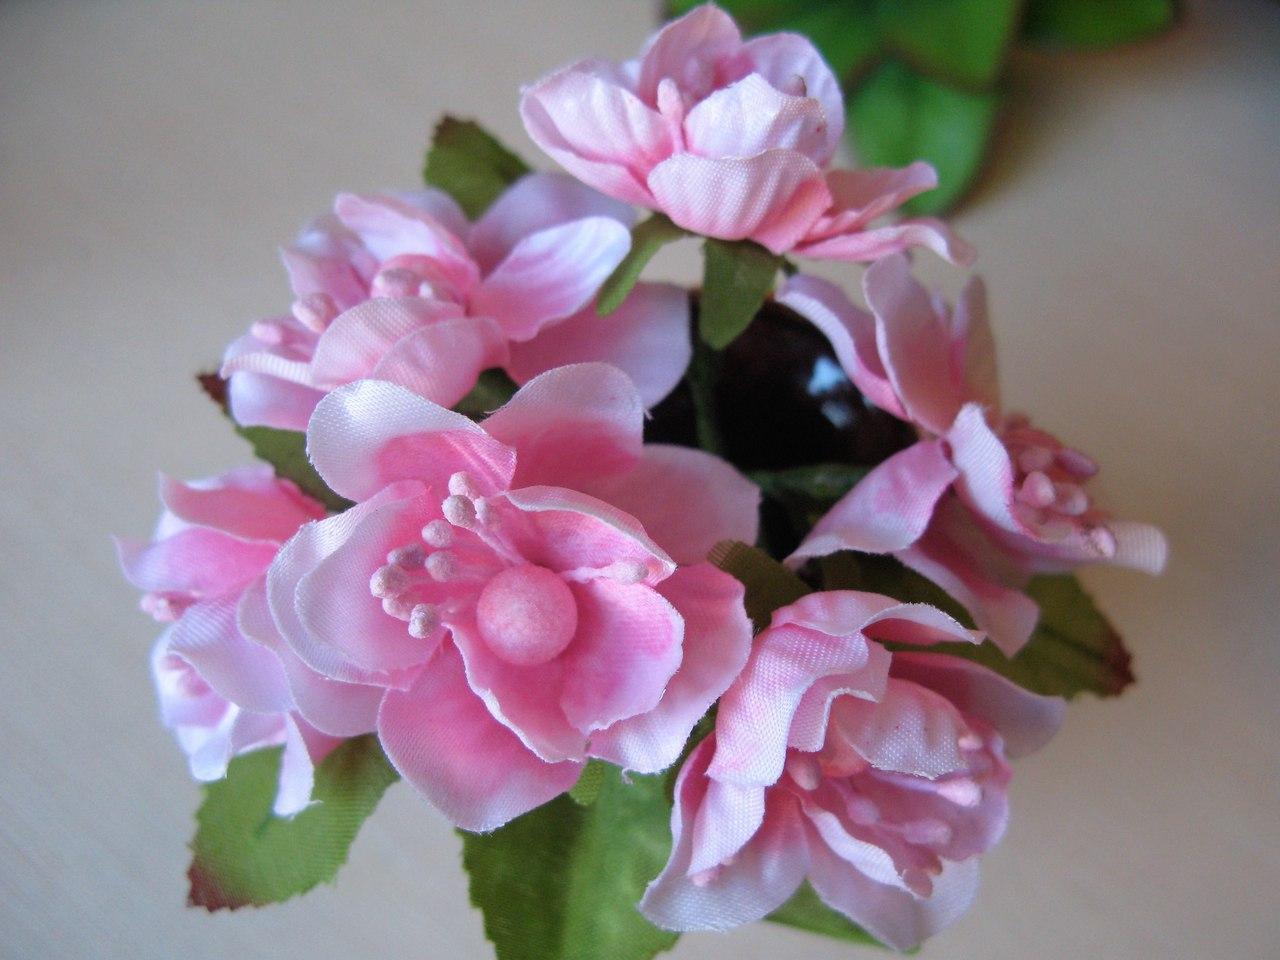 Цветы вишни с листиками цвет розовый.